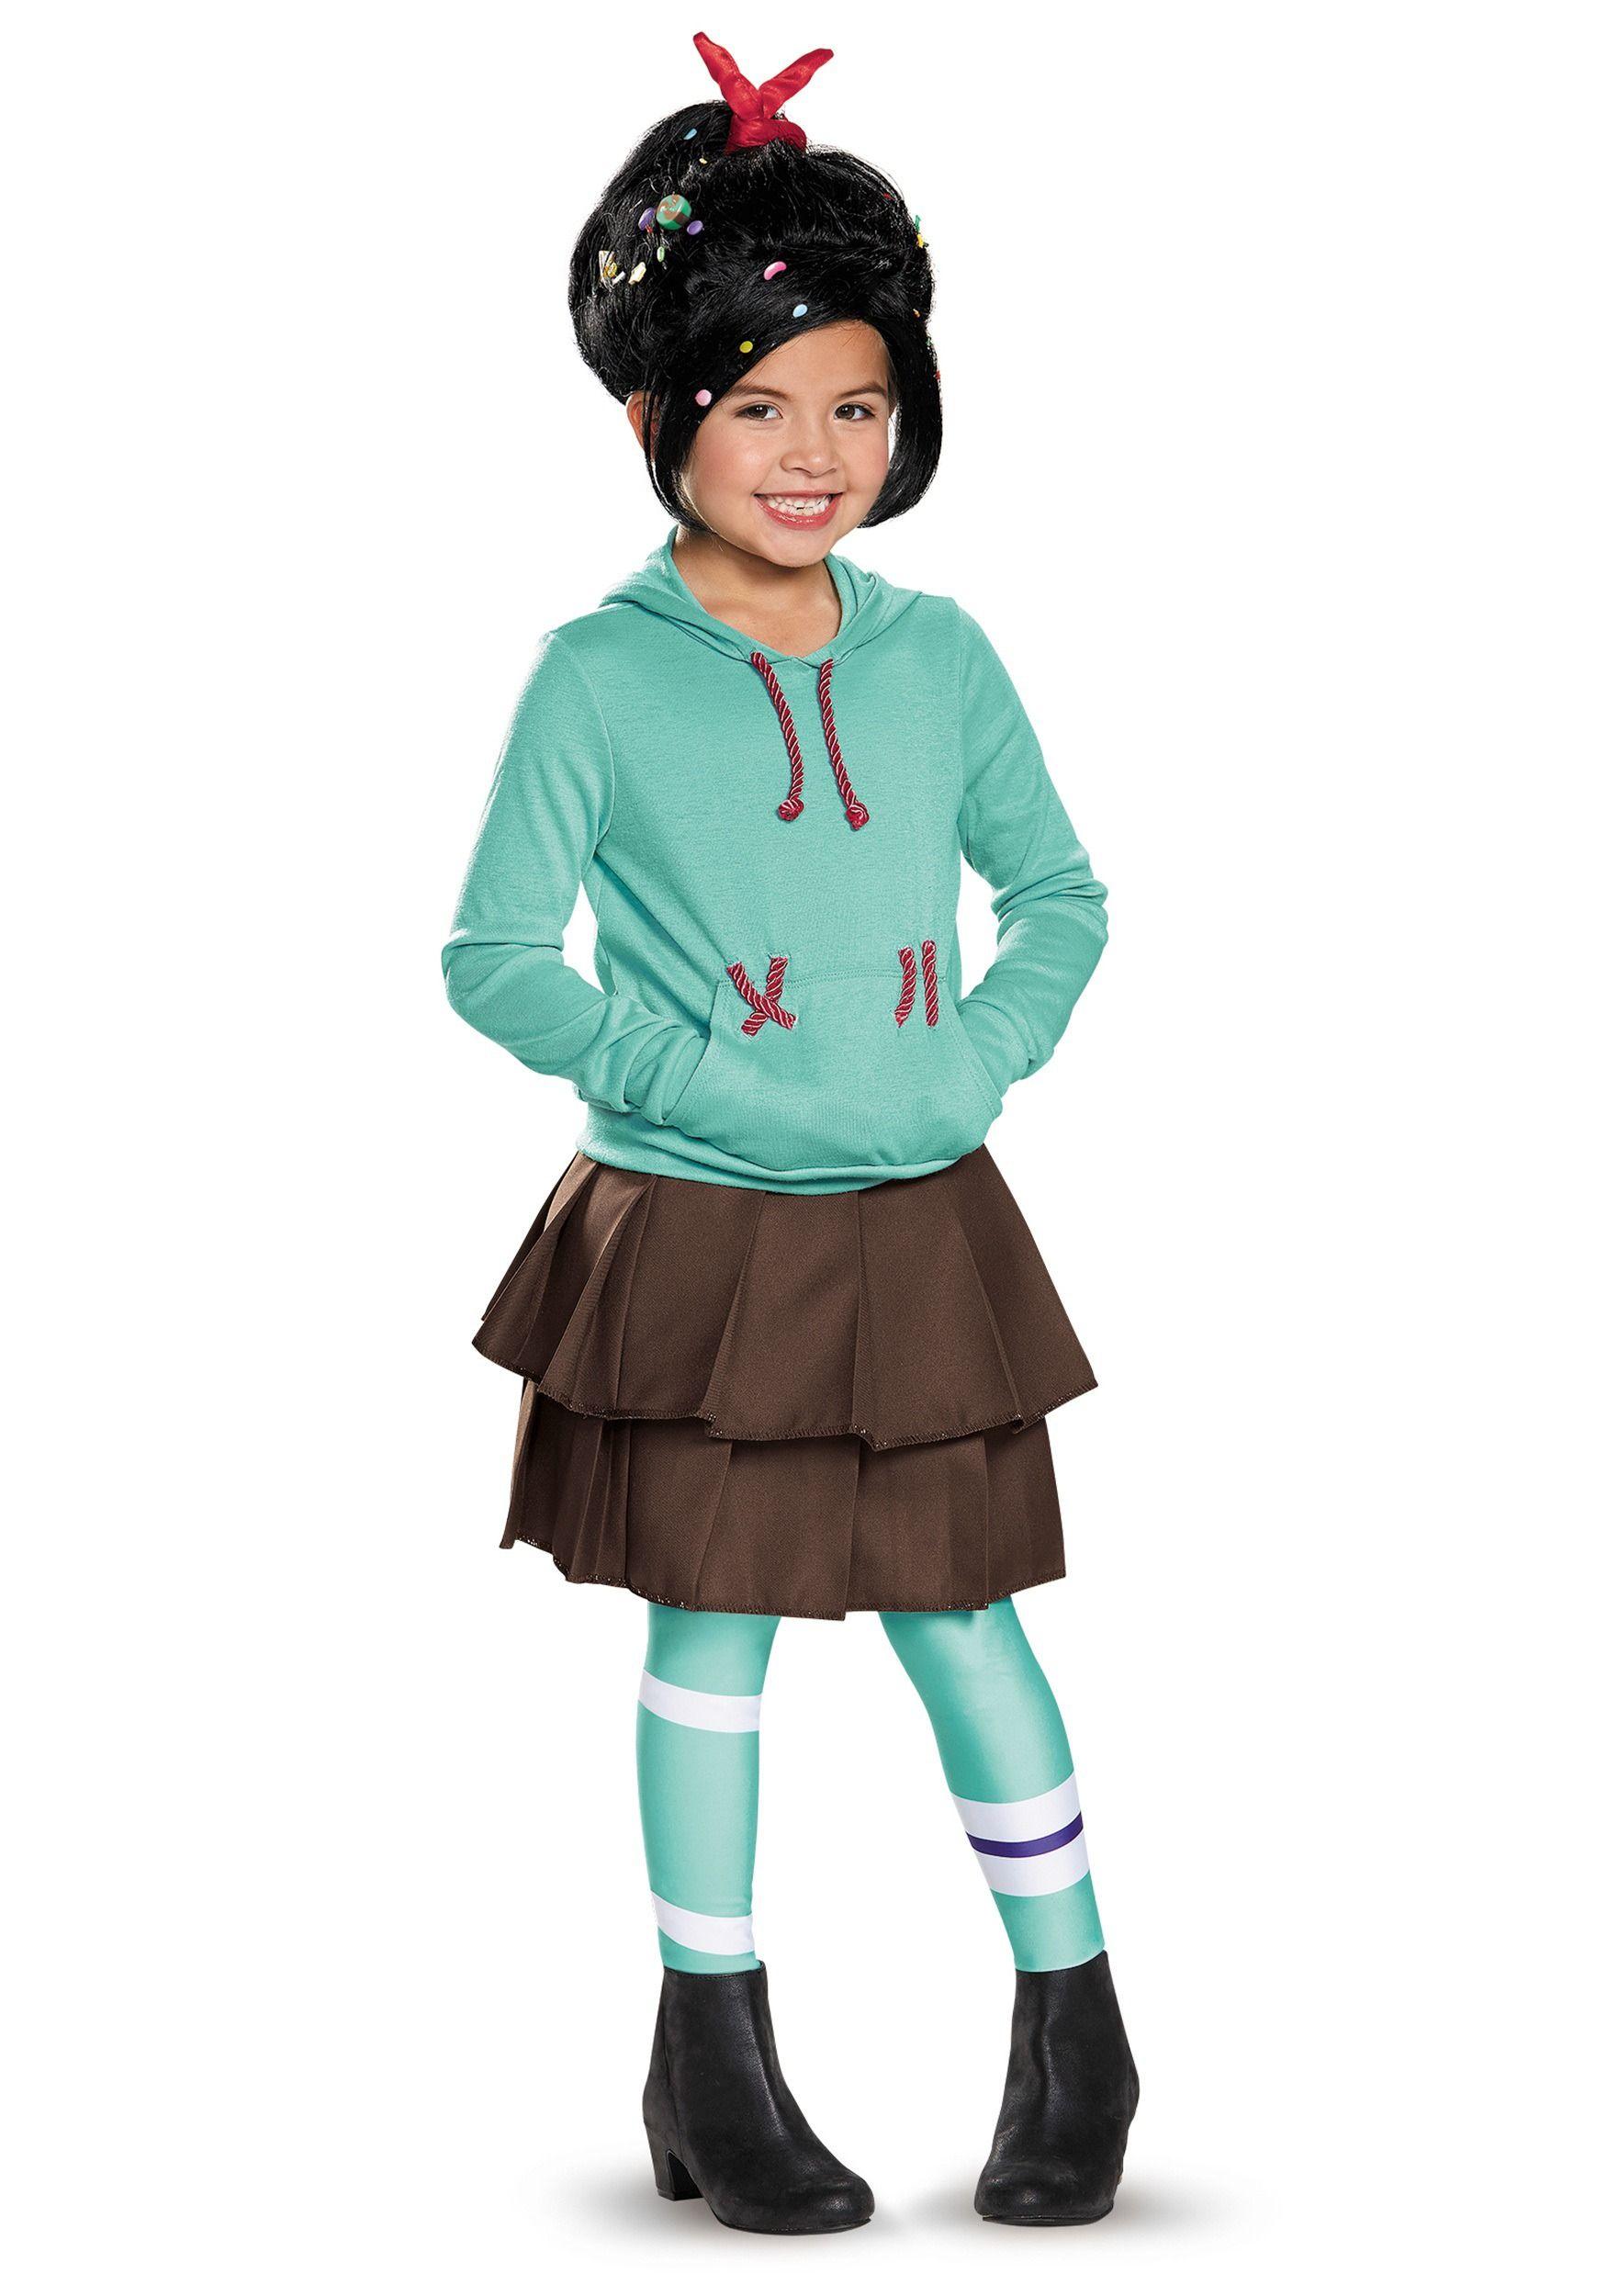 Child Deluxe Vanellope Von Schweetz Costume | Costumes, Toddler ...